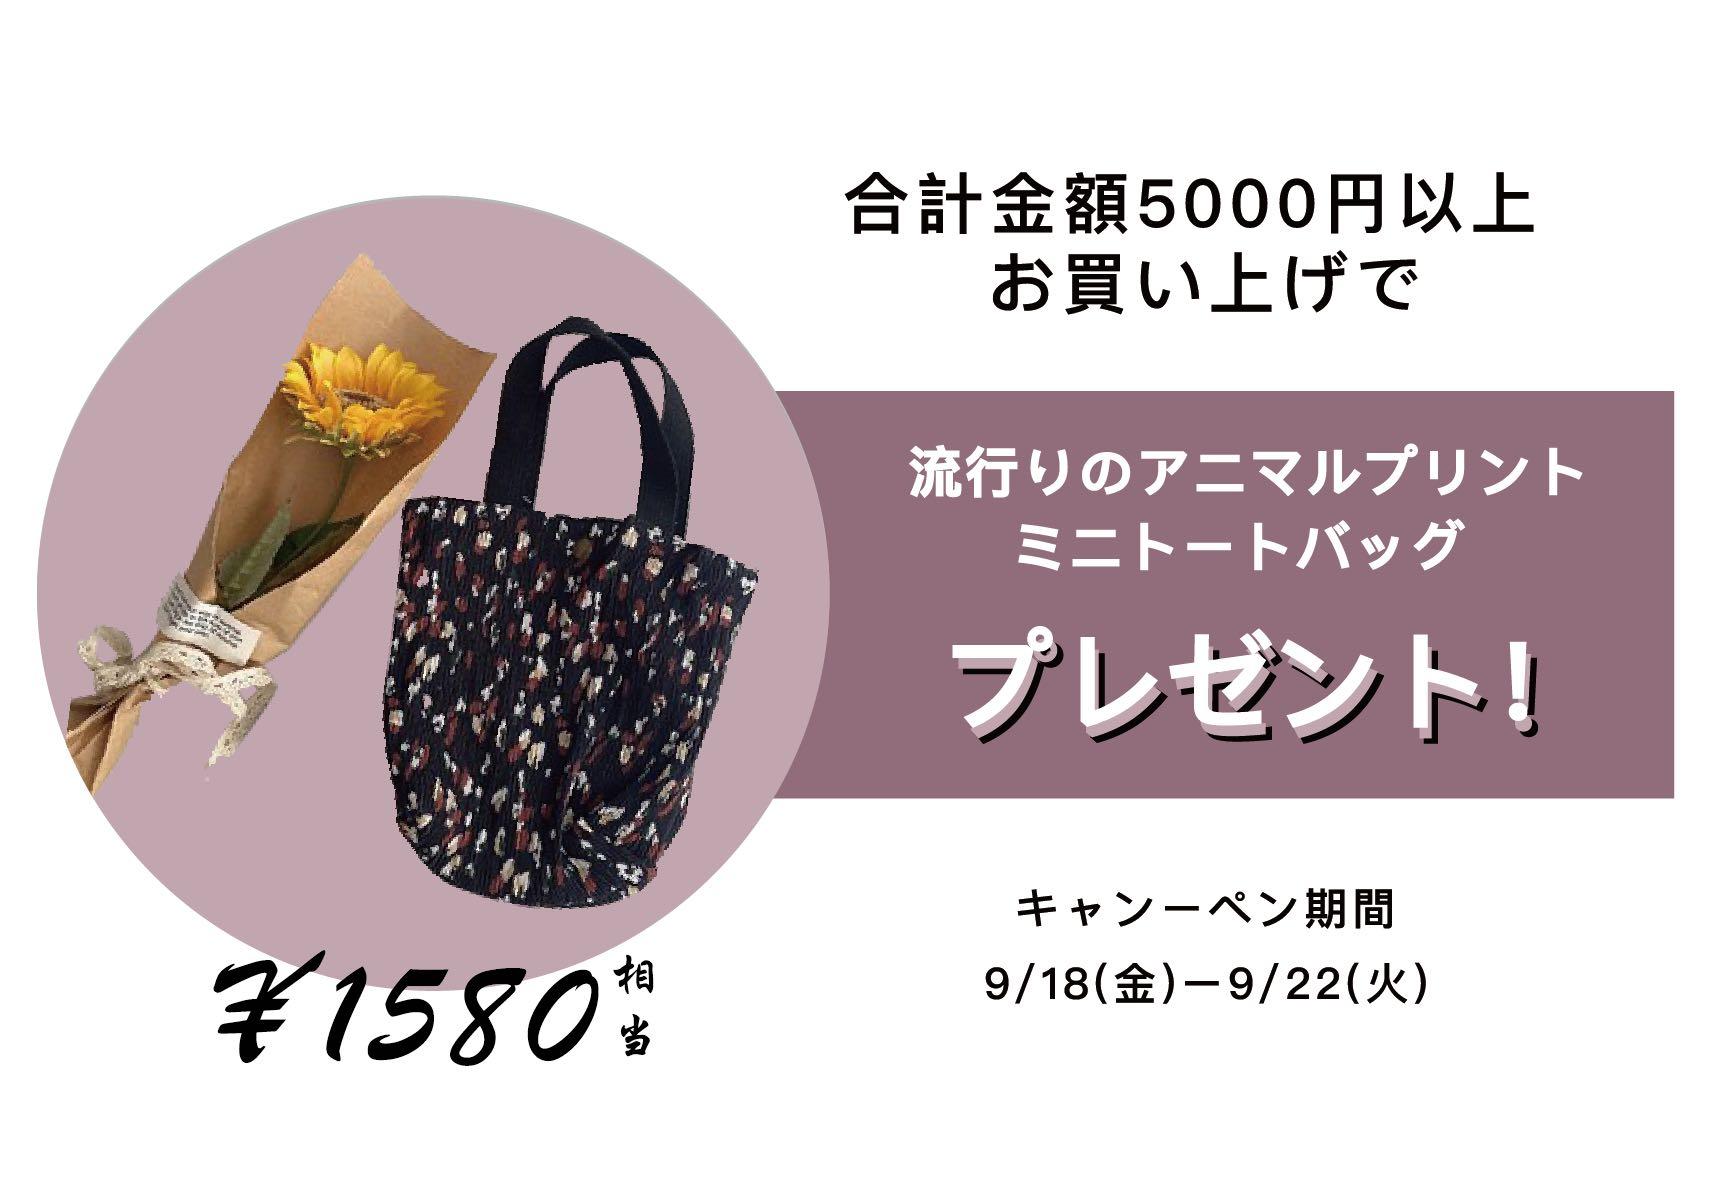 【プレゼントあり】1580円のアニマルミニトートバッグをプレゼント!